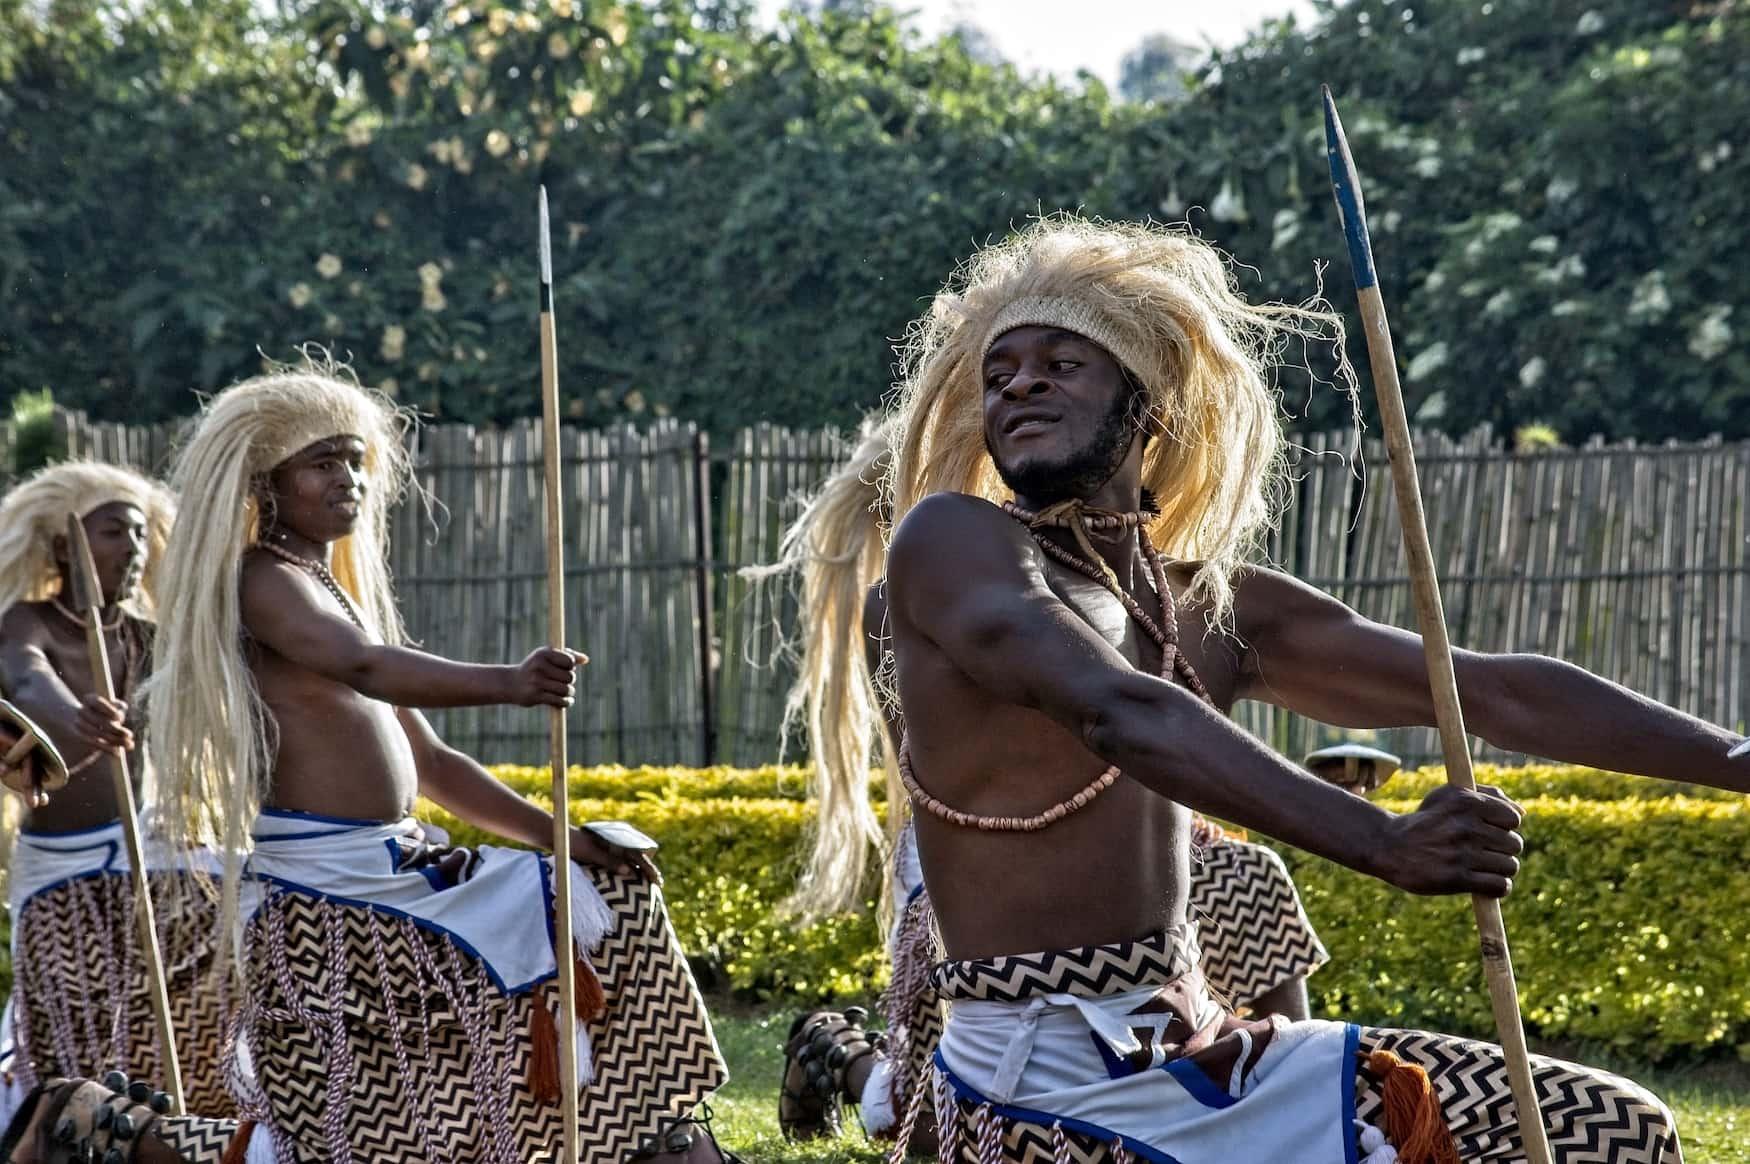 Männer führen Tanz für touristen auf in Nationalpark in Ruanda